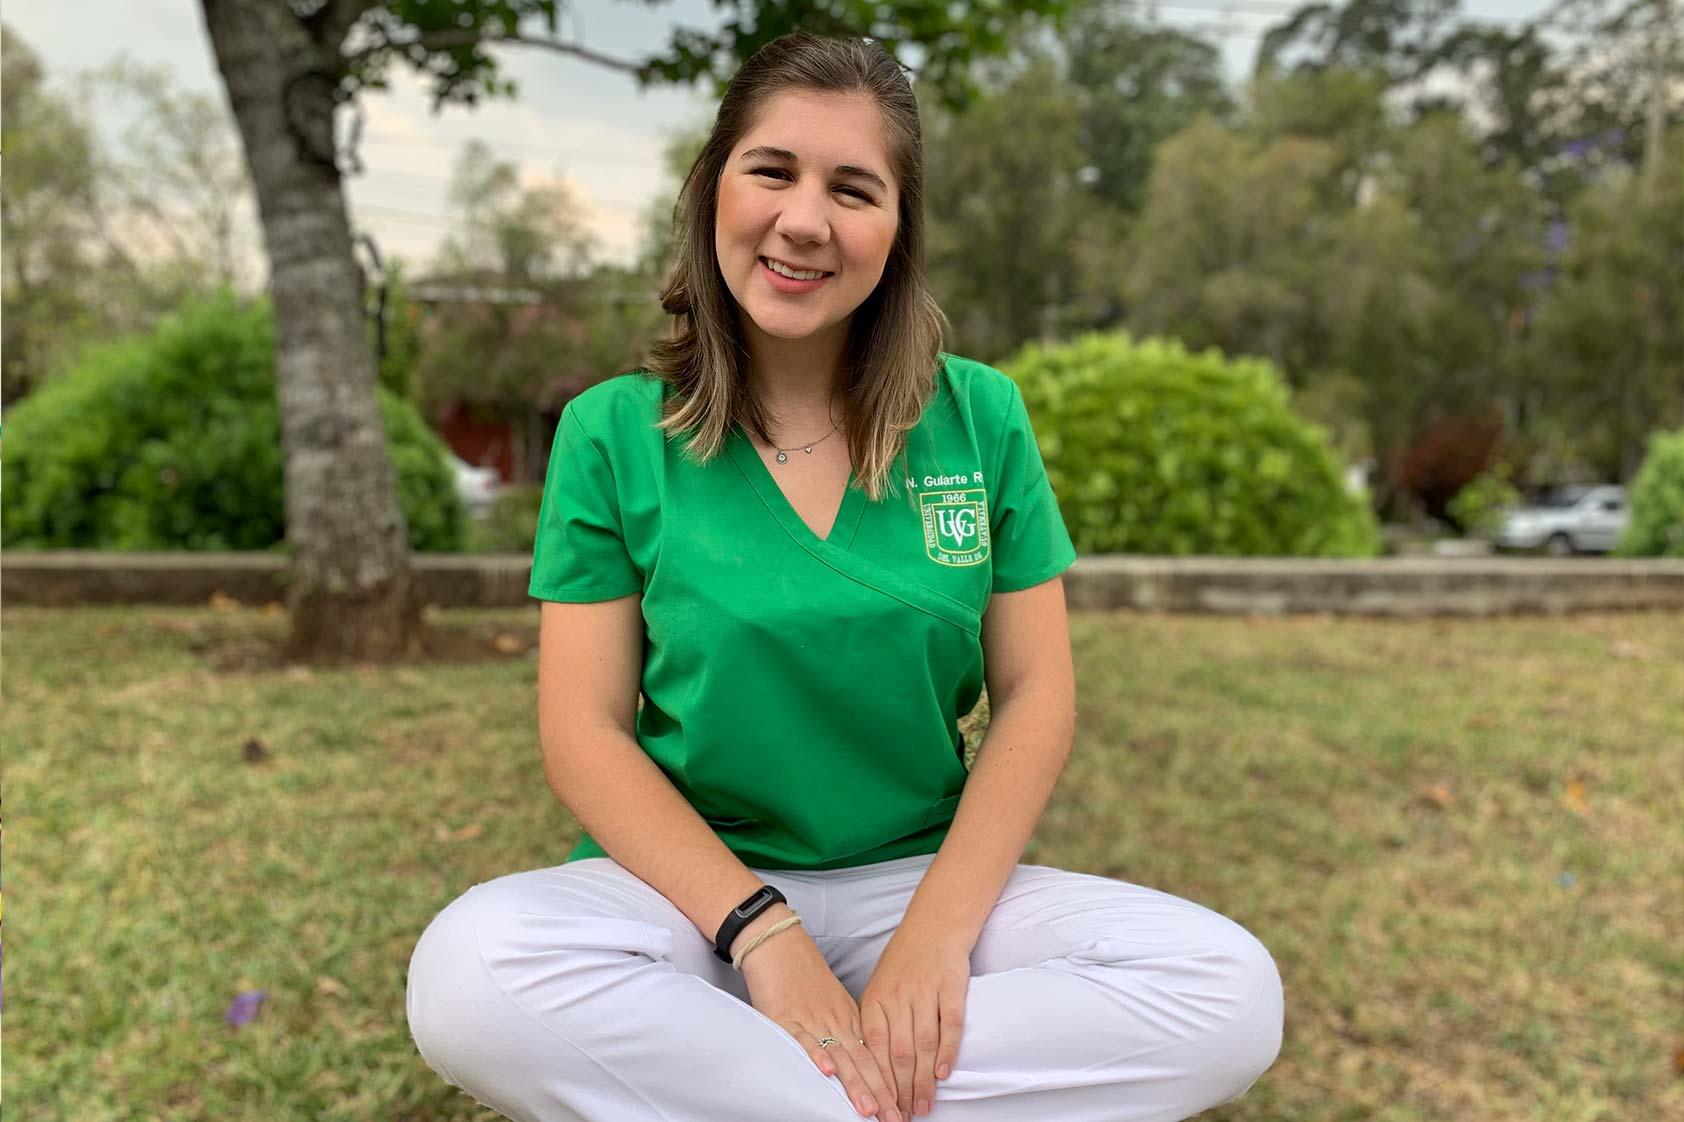 Natalia Gularte, pasión por la nutrición y liderazgo estudiantil